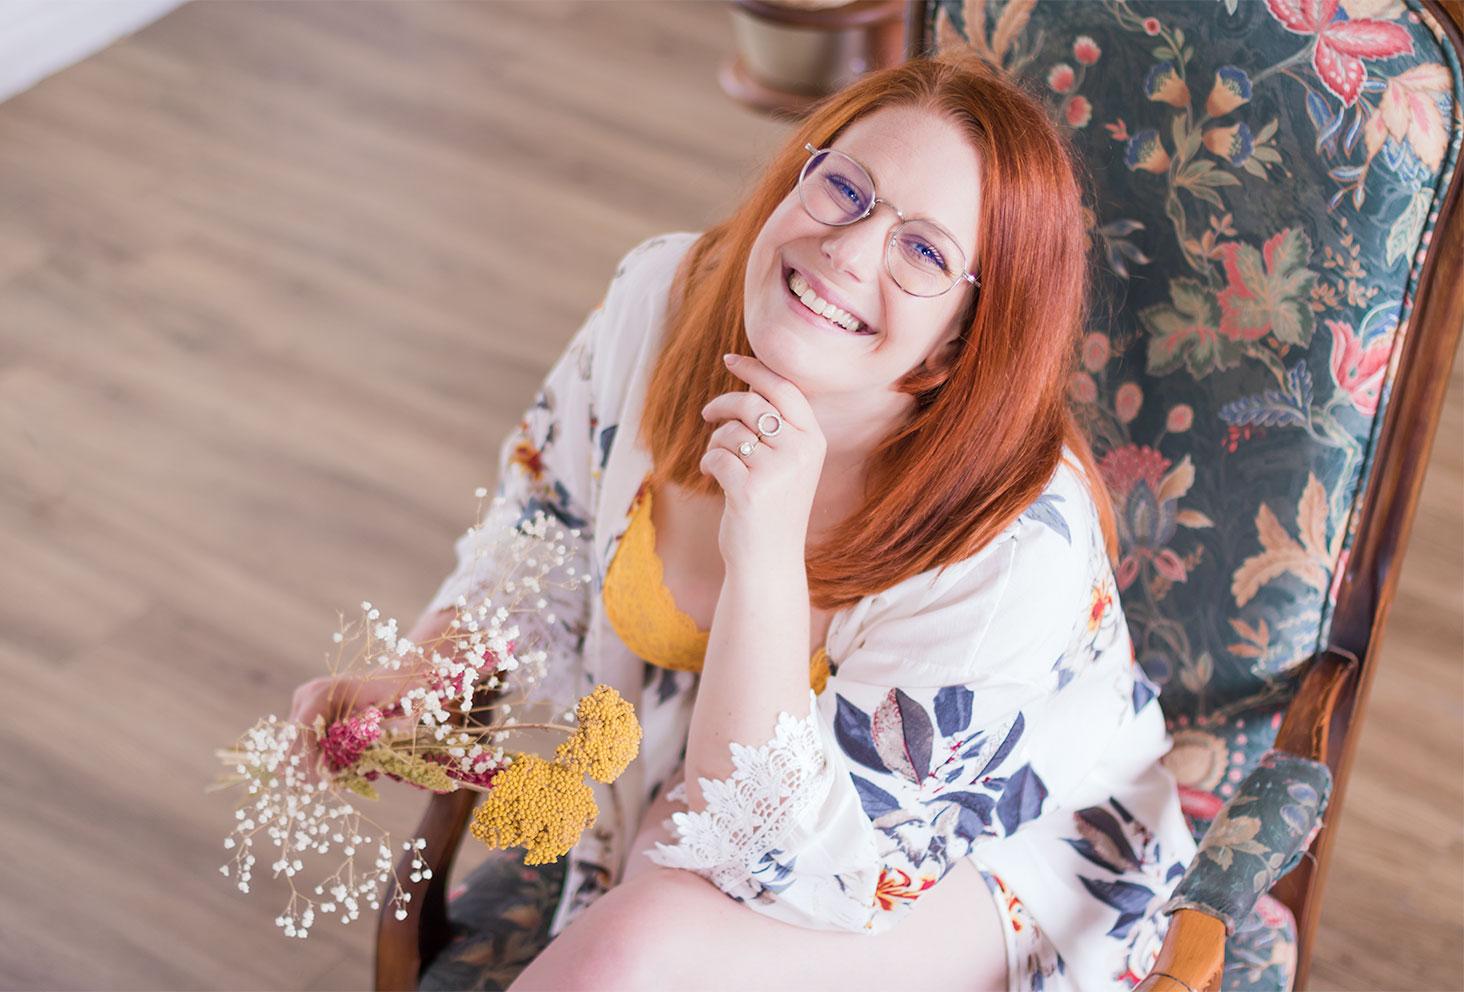 Assise sur un fauteuil vintage, en sous-vêtements et kimono, un bouquet de fleurs dans les mains et le sourire aux lèvres